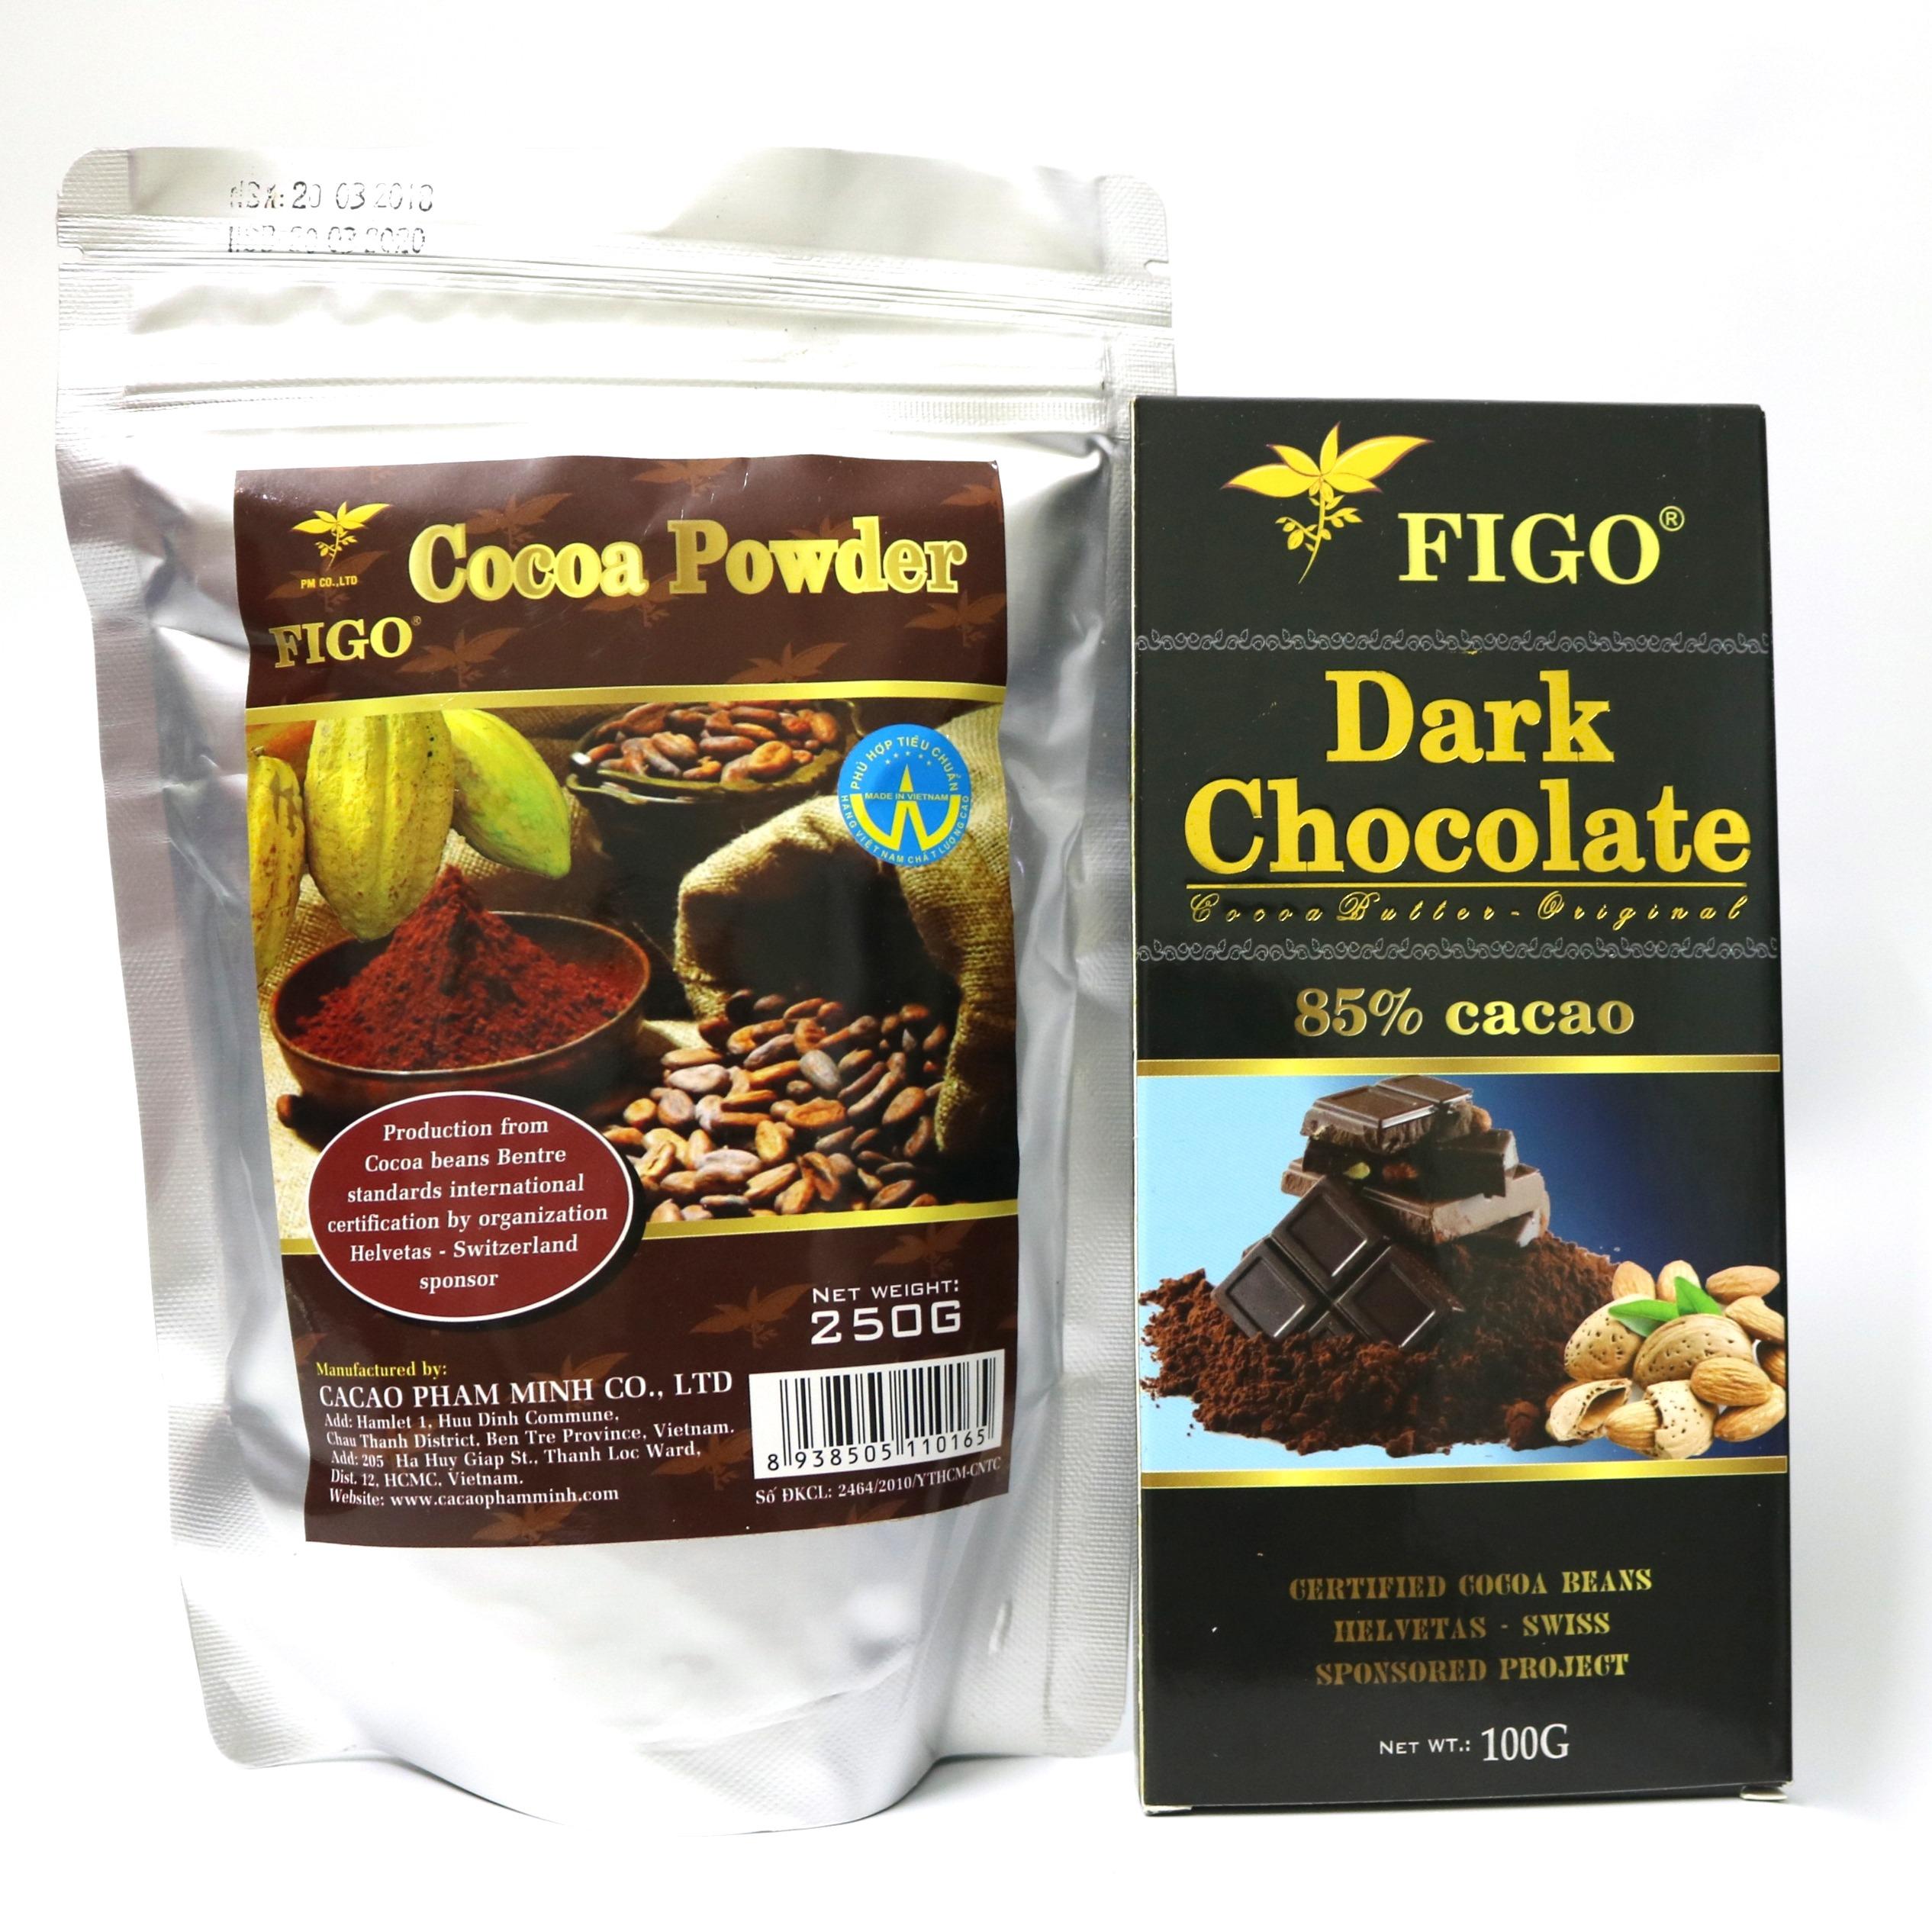 Combo Bột cacao nguyên chất 250g và Socola đen đắng 85% cacao 100g Figo - 968523 , 6426174018162 , 62_2340259 , 169000 , Combo-Bot-cacao-nguyen-chat-250g-va-Socola-den-dang-85Phan-Tram-cacao-100g-Figo-62_2340259 , tiki.vn , Combo Bột cacao nguyên chất 250g và Socola đen đắng 85% cacao 100g Figo